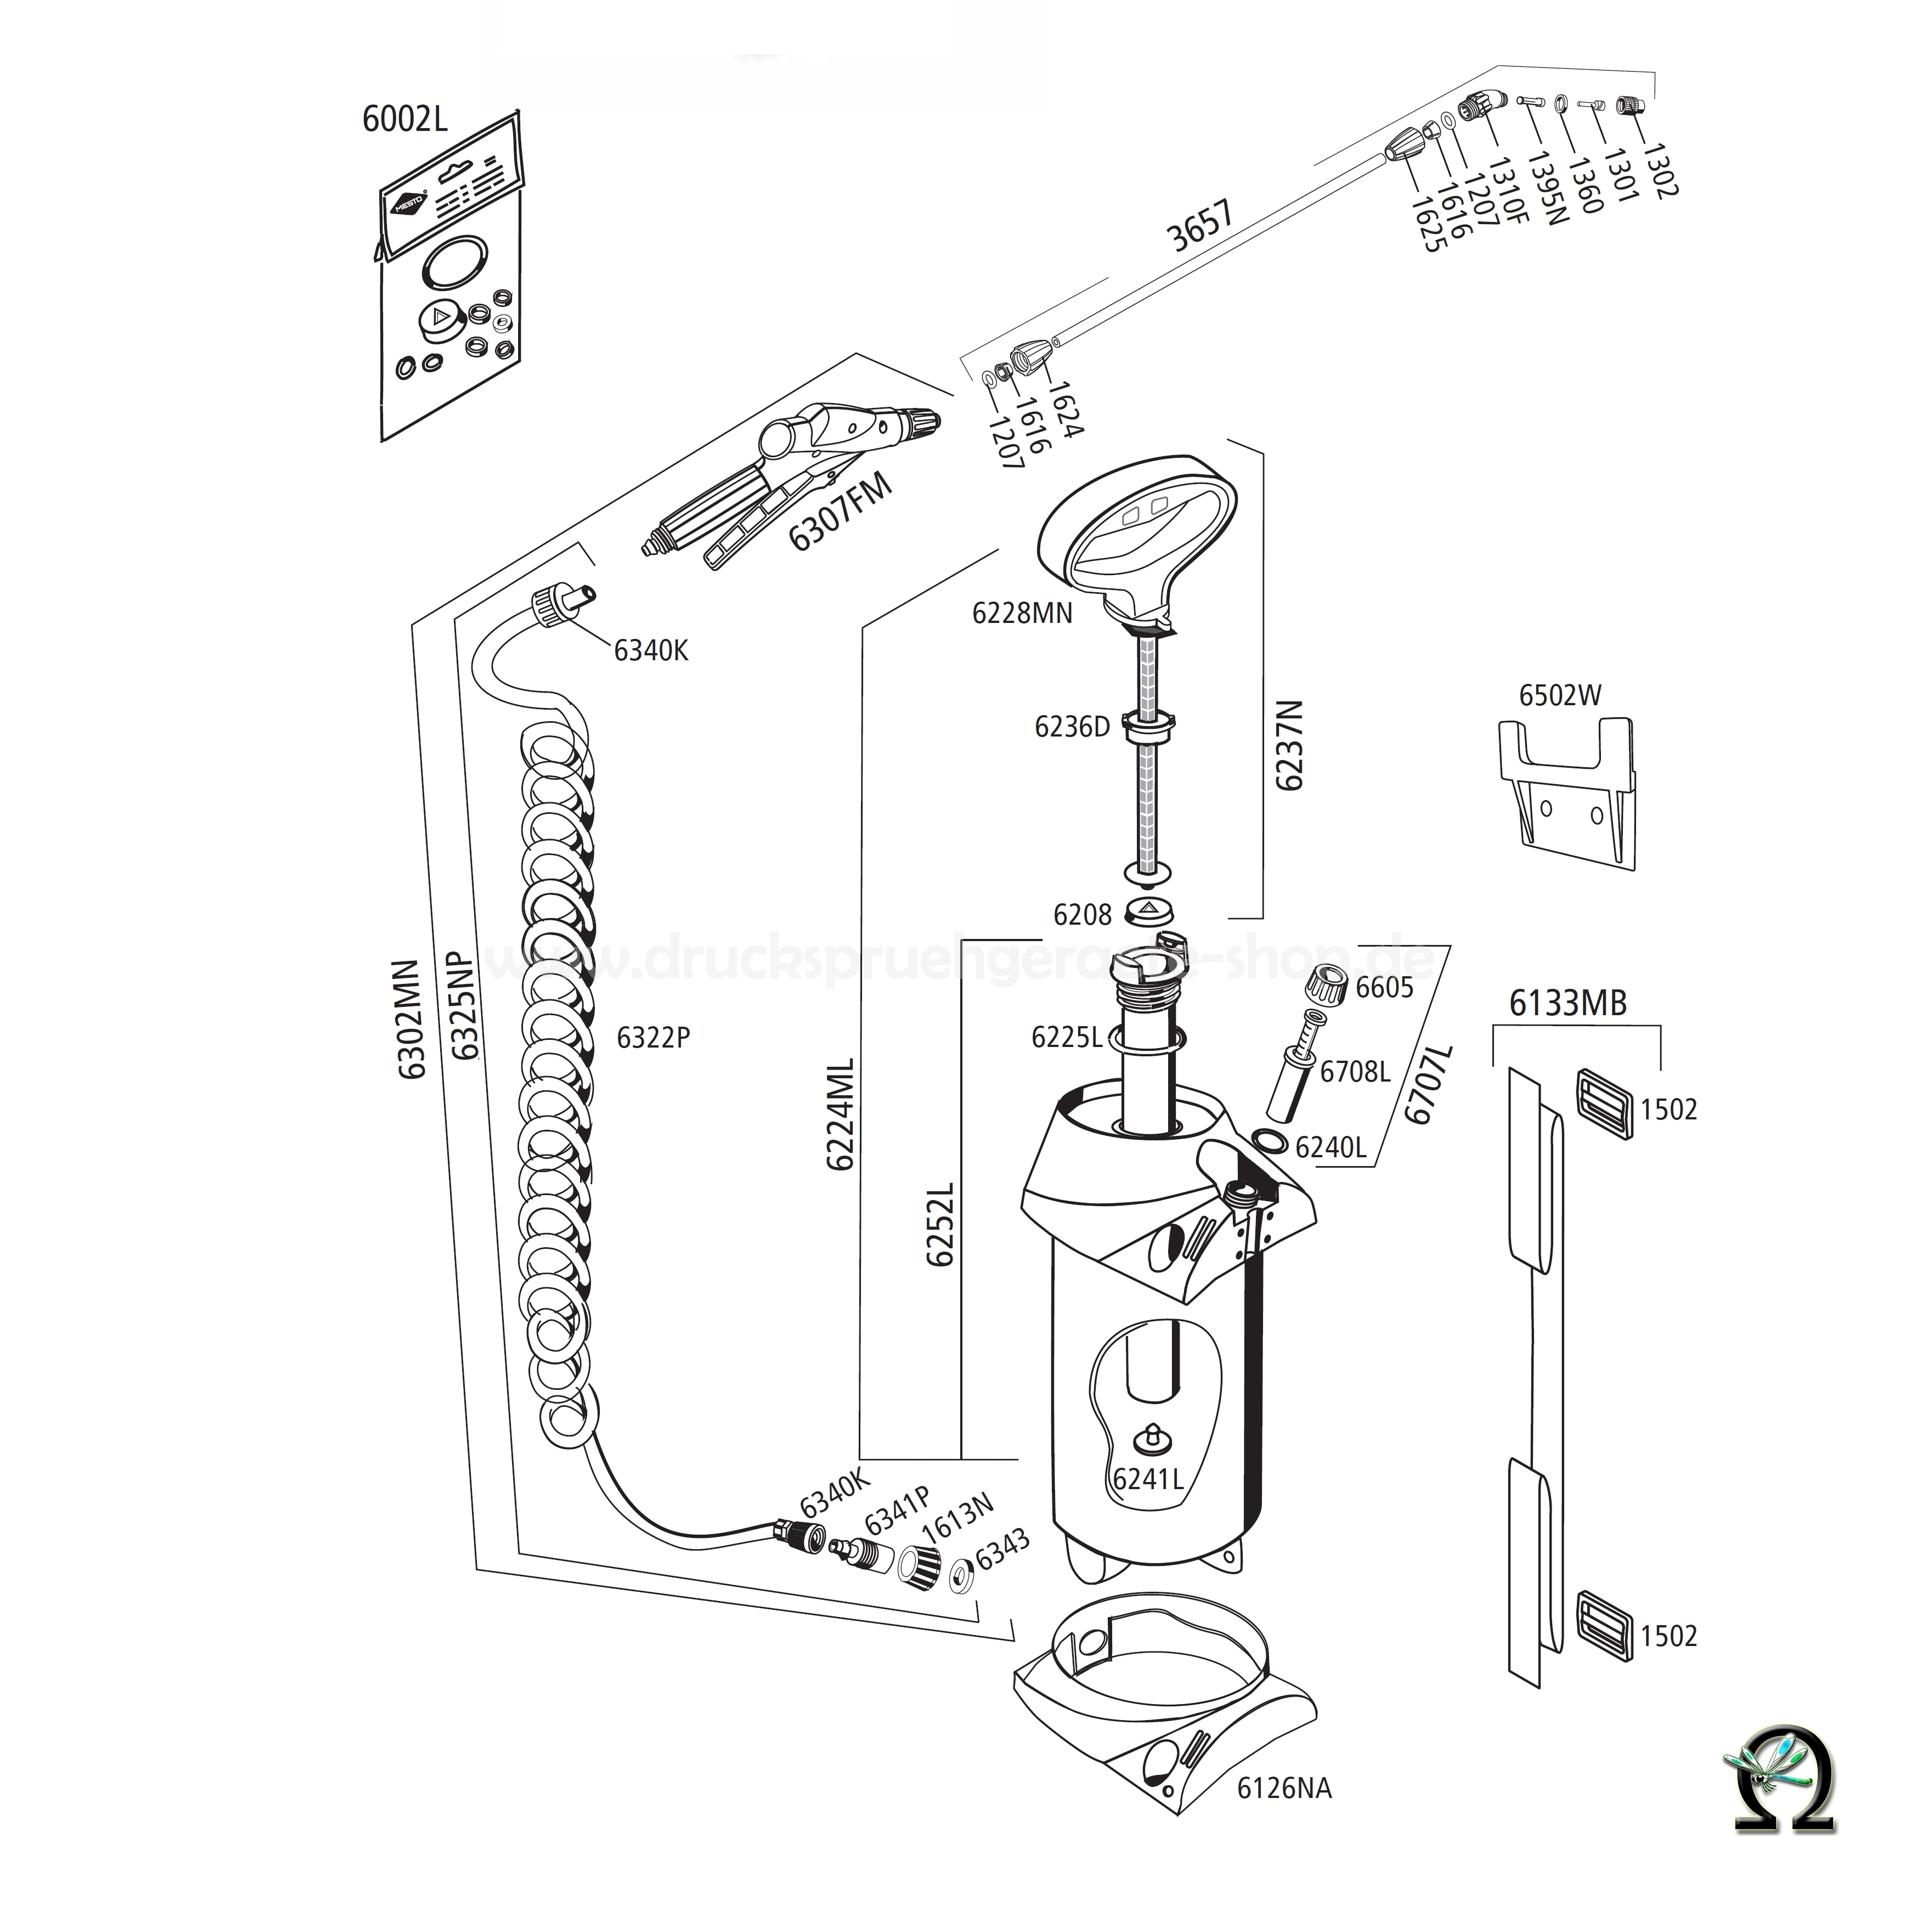 MESTO Drucksprühgerät 3275M PROFI Zeichnung der Einzelteile